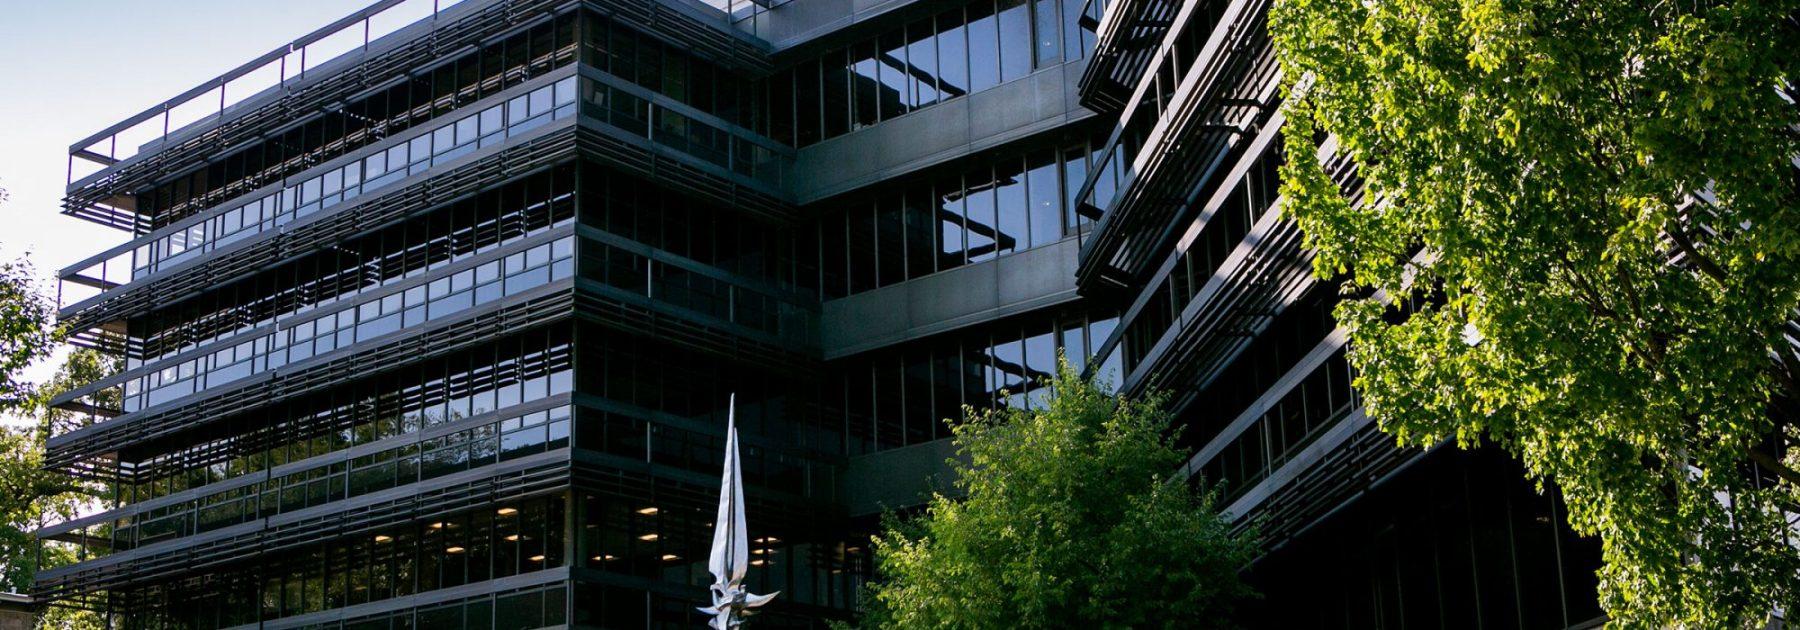 Verex Plaza